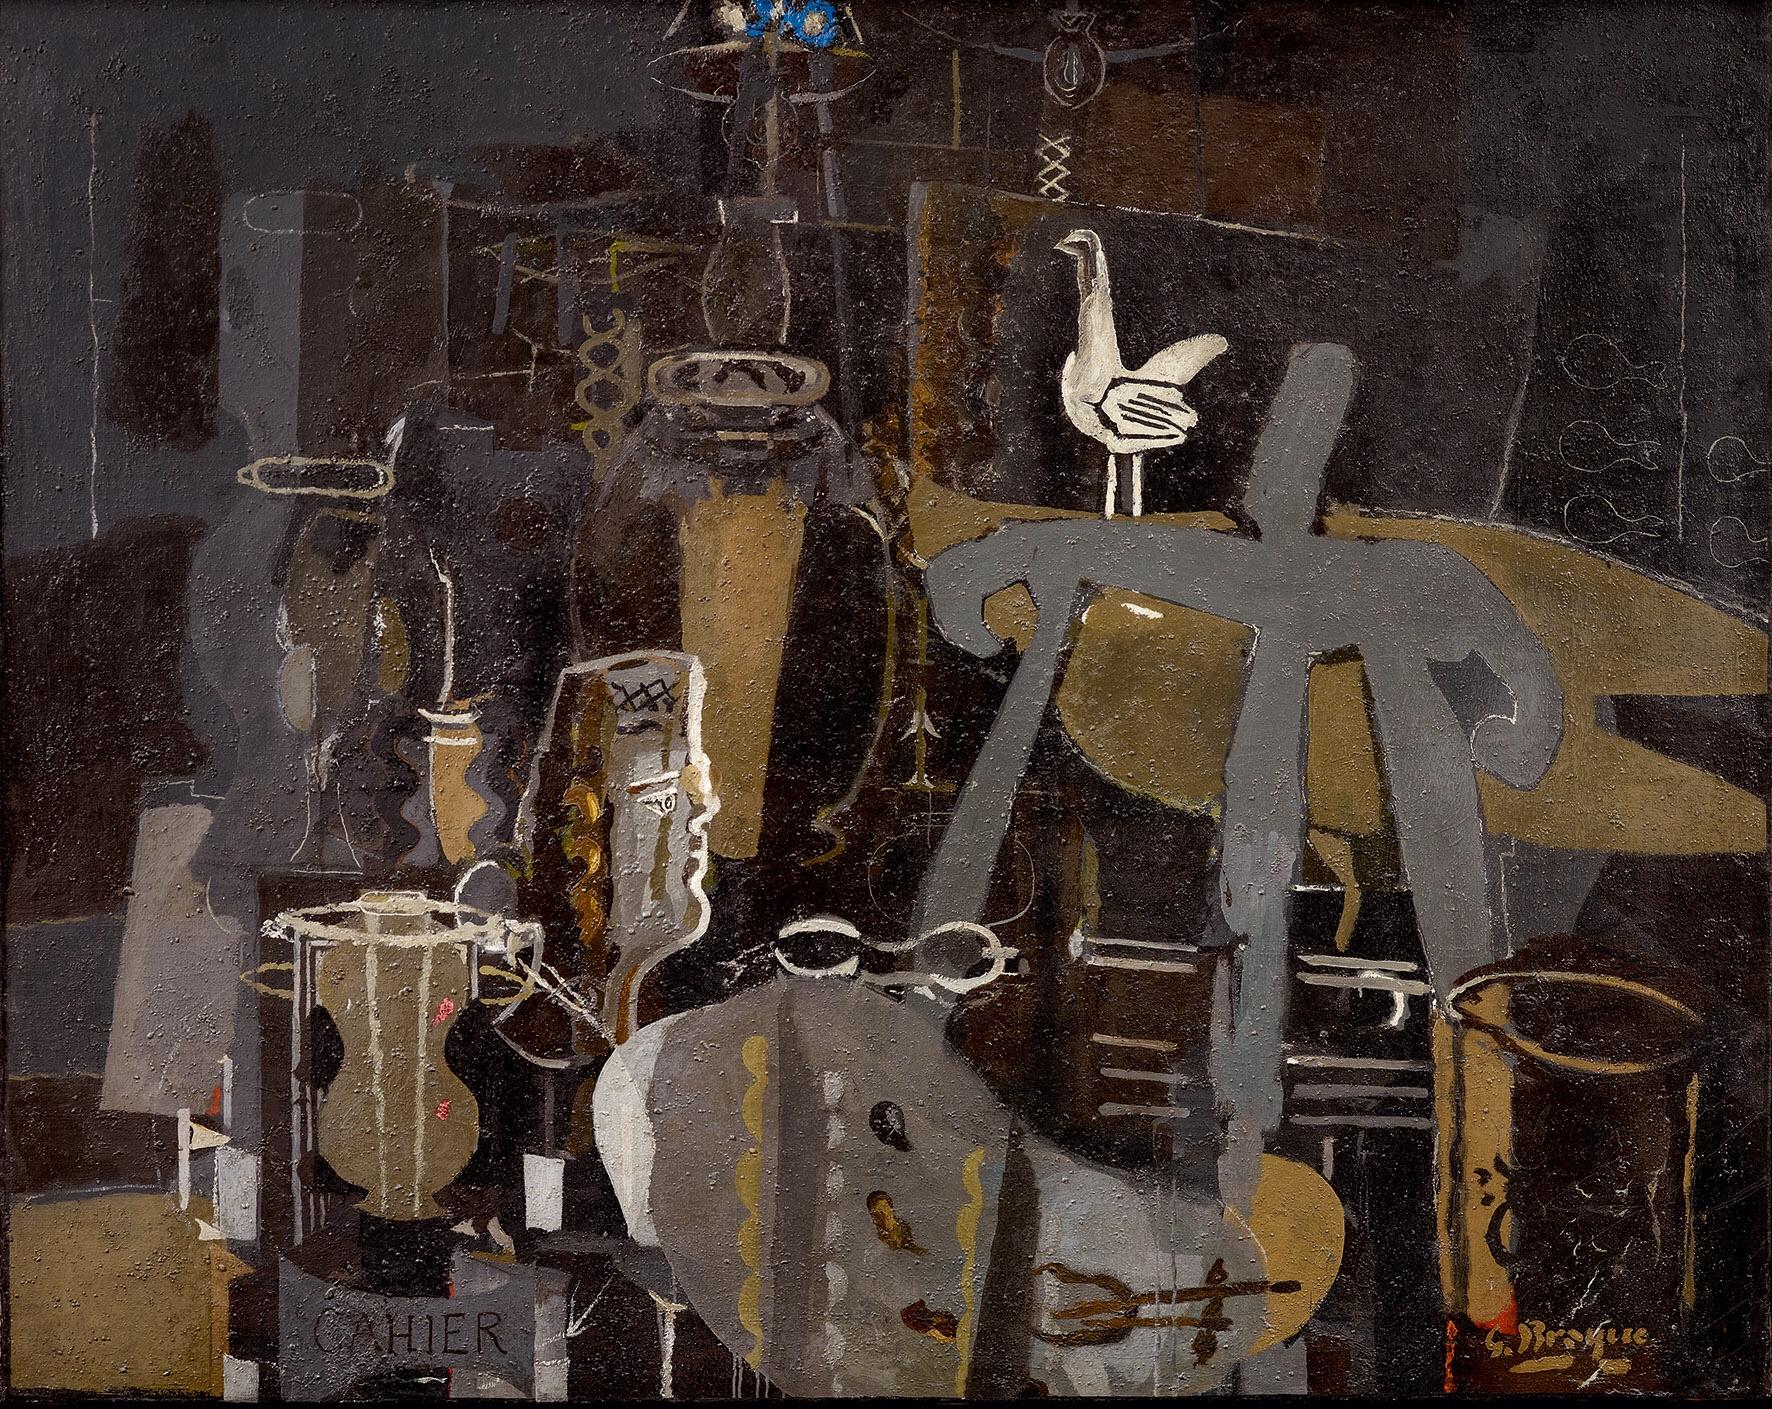 Il tempo di Giacometti verona linea d'ombra mostra a verona arte in veneto mostra cosa fare in veneto magazine verona cosa fare a verona Ilaria Rebecchi